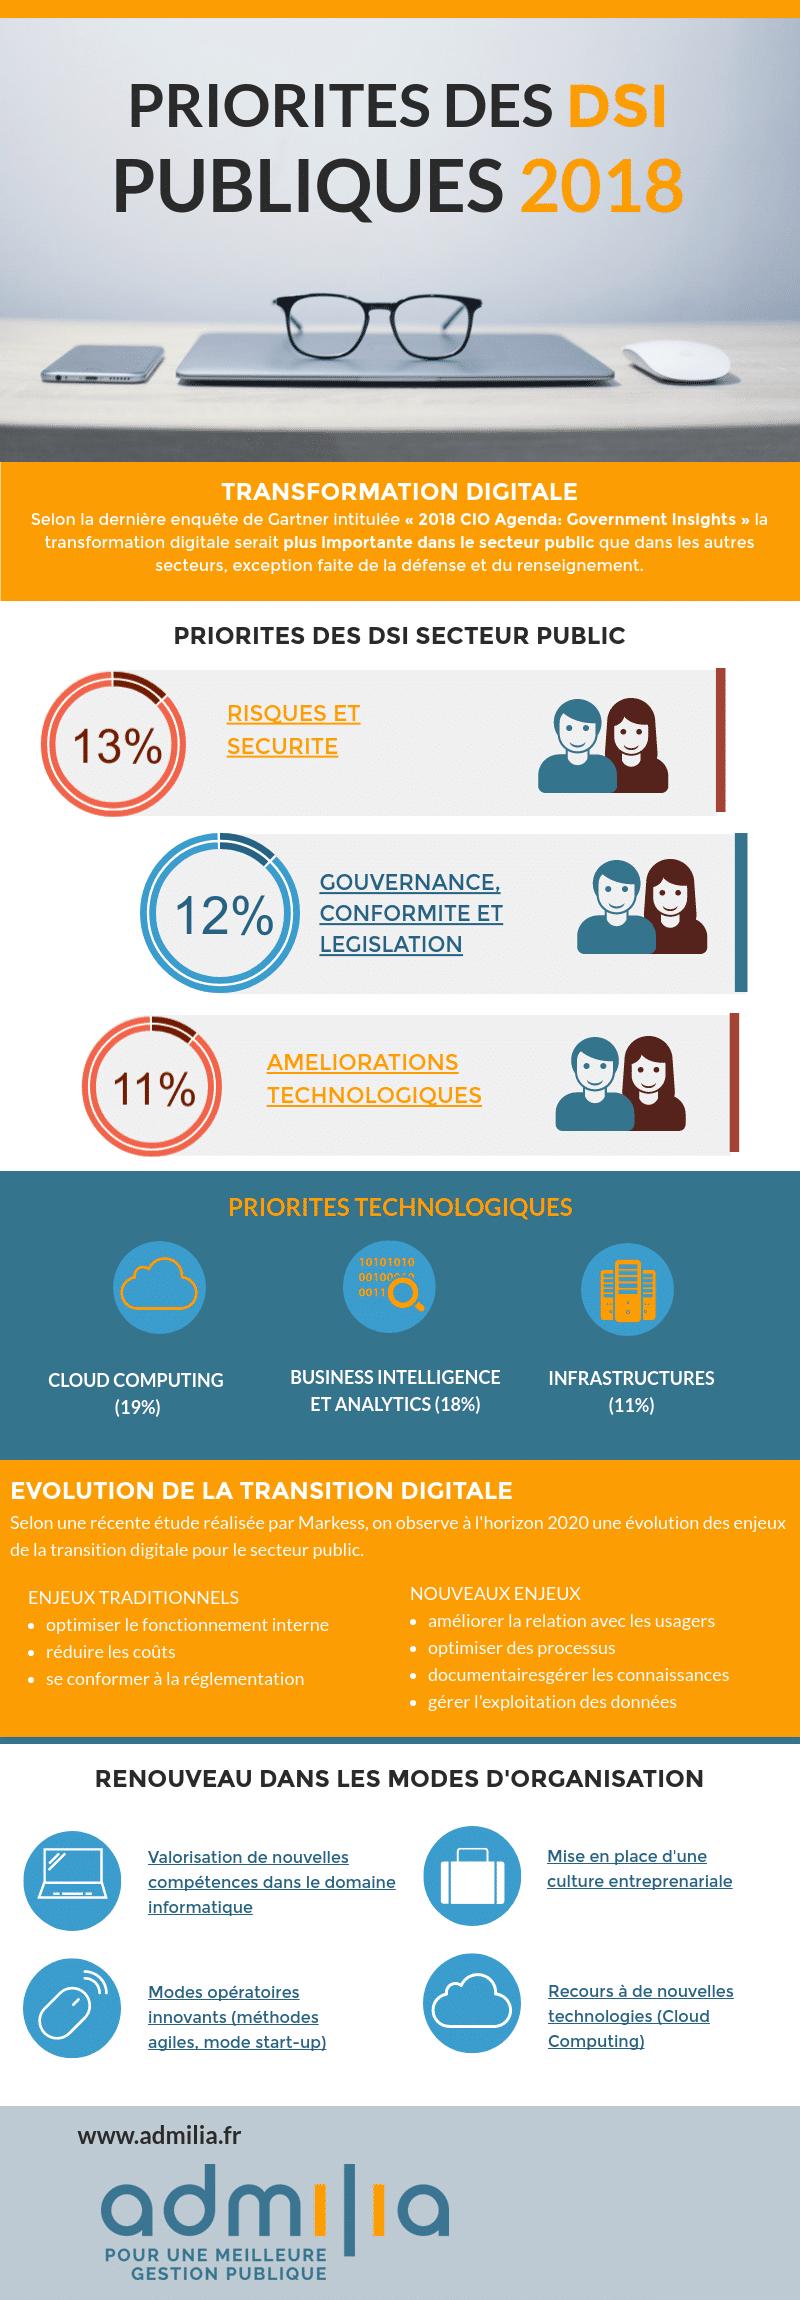 Priorites-DSI-publiques-infographie